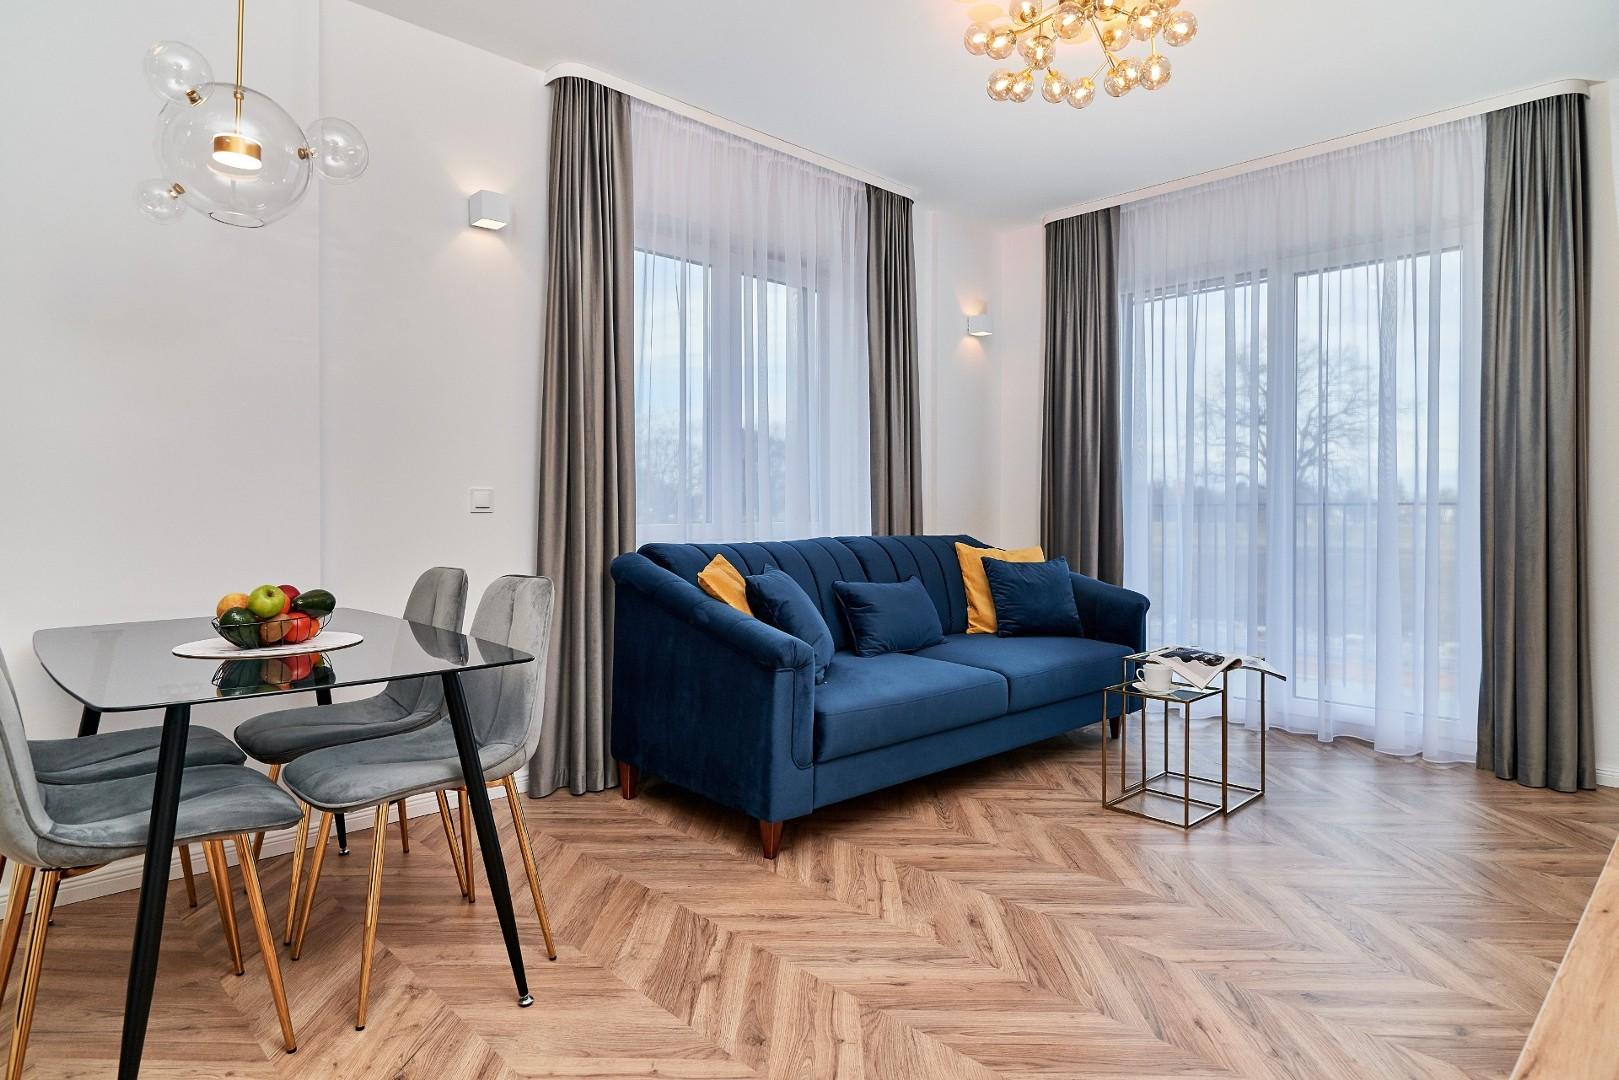 3-комнатная квартира 65 м2, Вроцлав